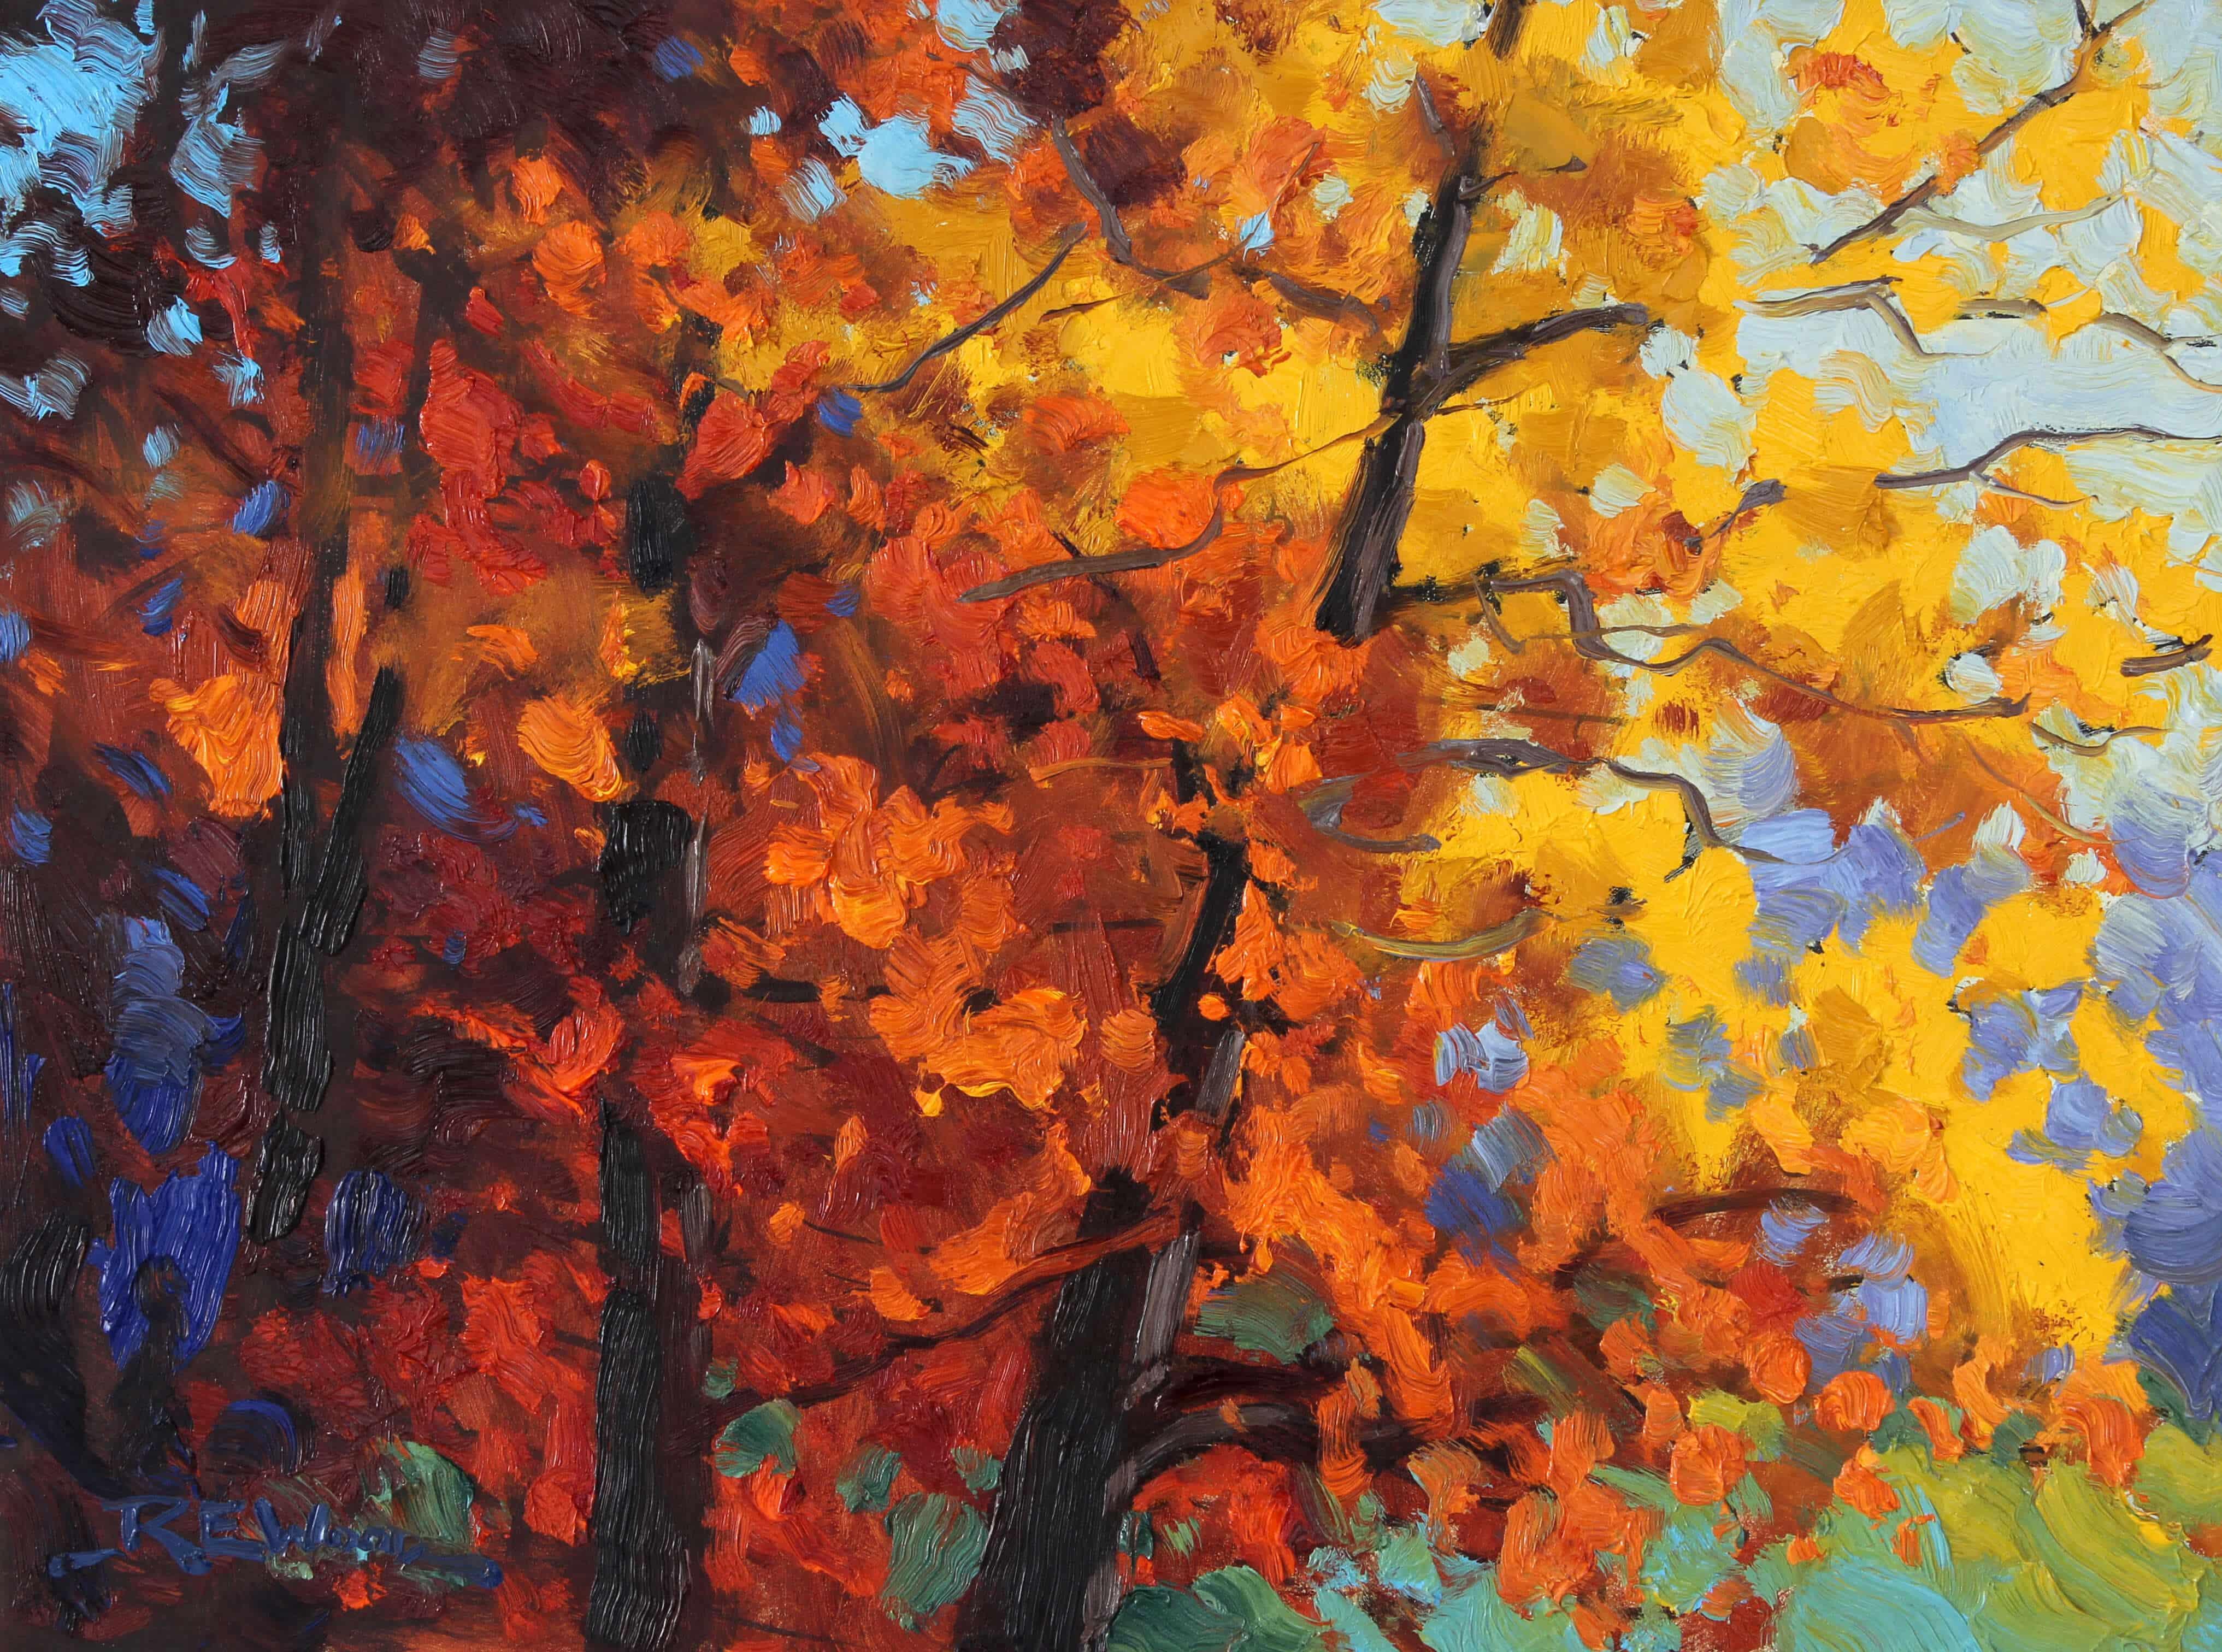 Robert E Wood Autumn Spectrum 12x16